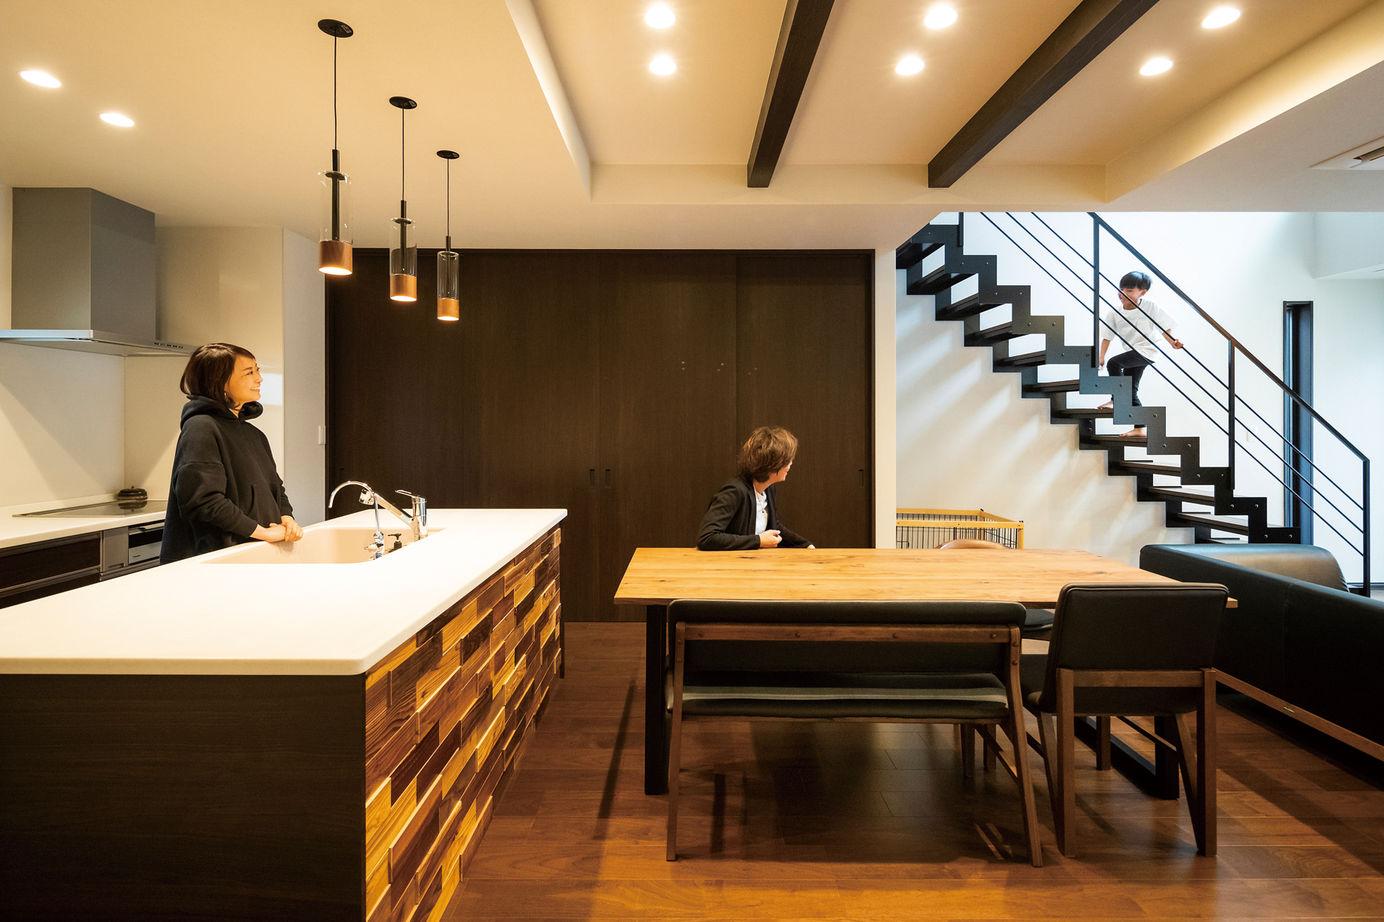 カッコよく、暮らしやすい。夫婦の憧れをカタチにした、寛ぎのデザイン住宅画像1